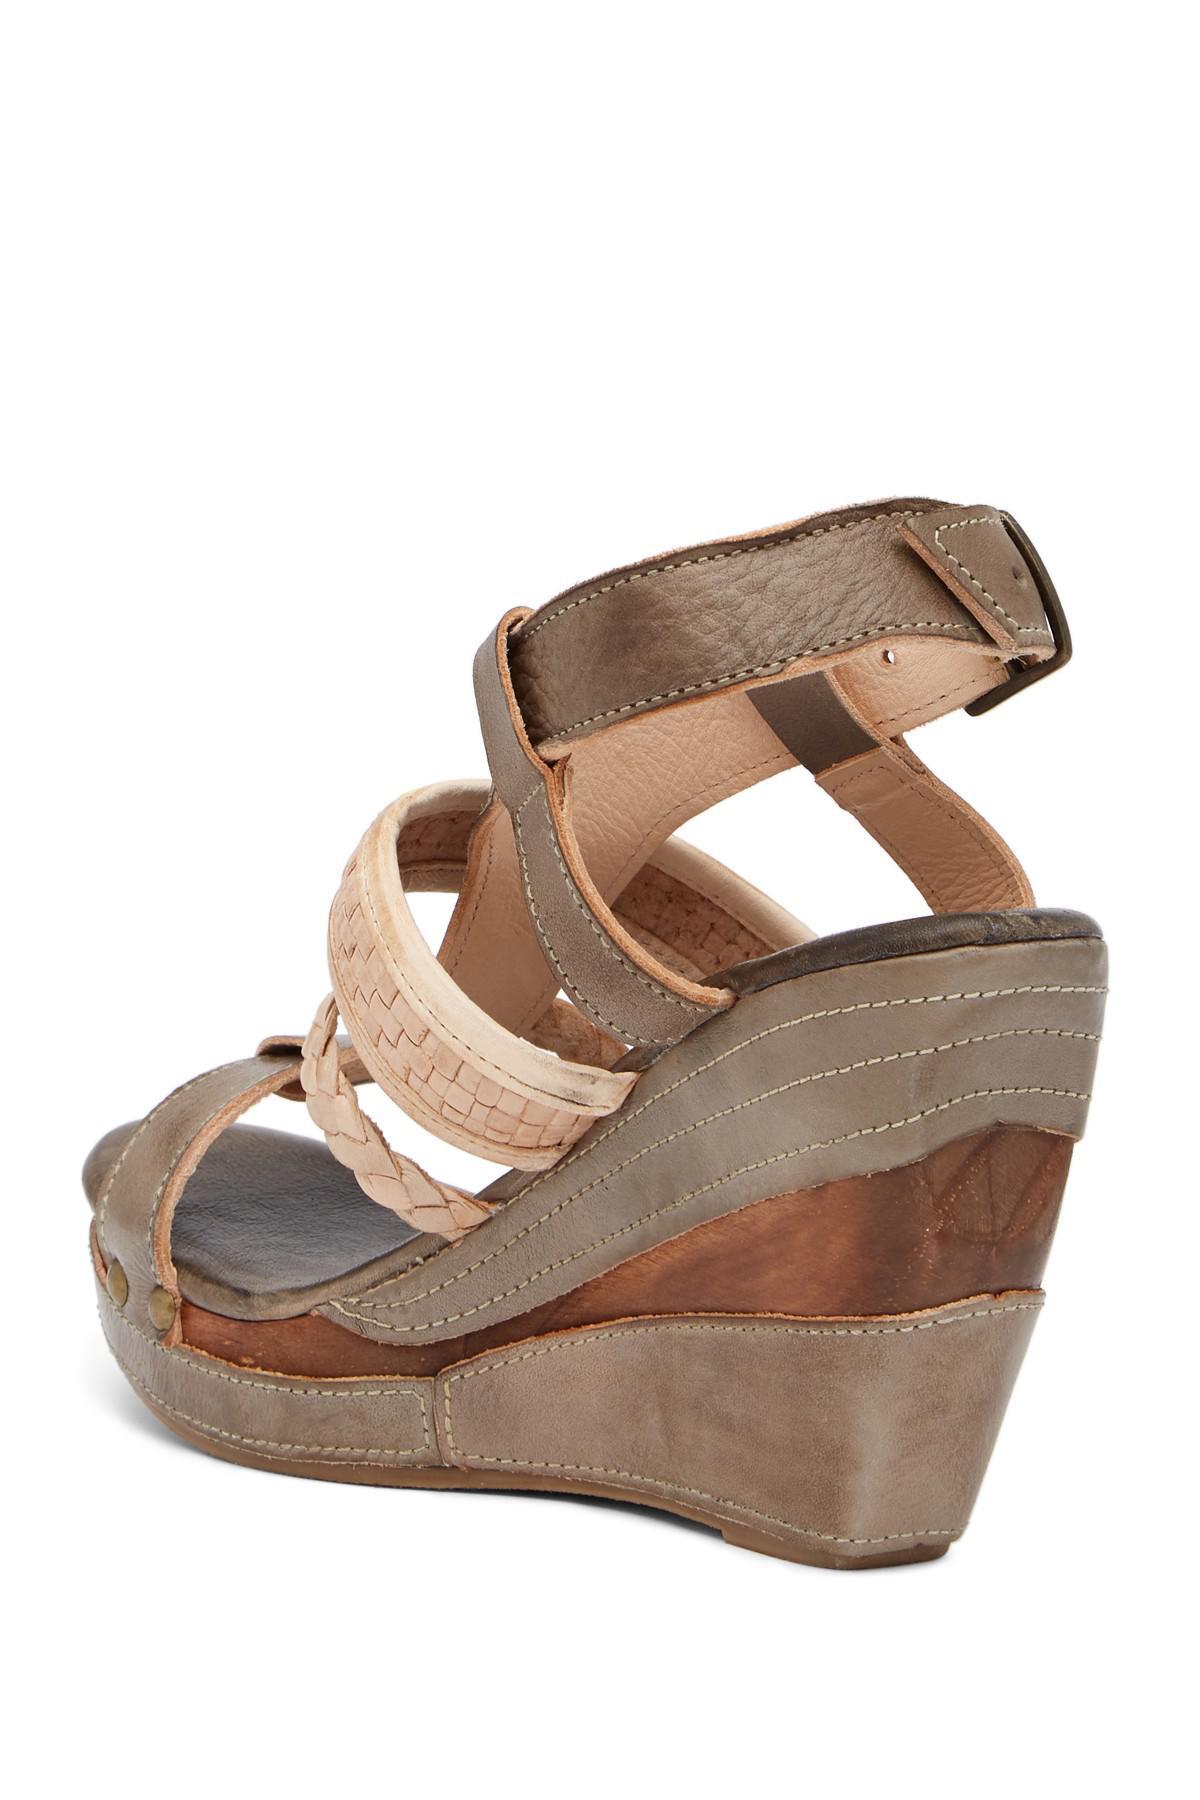 a654fd7c298 Lyst - Bed Stu Jaslyn Wedge Sandal in Brown